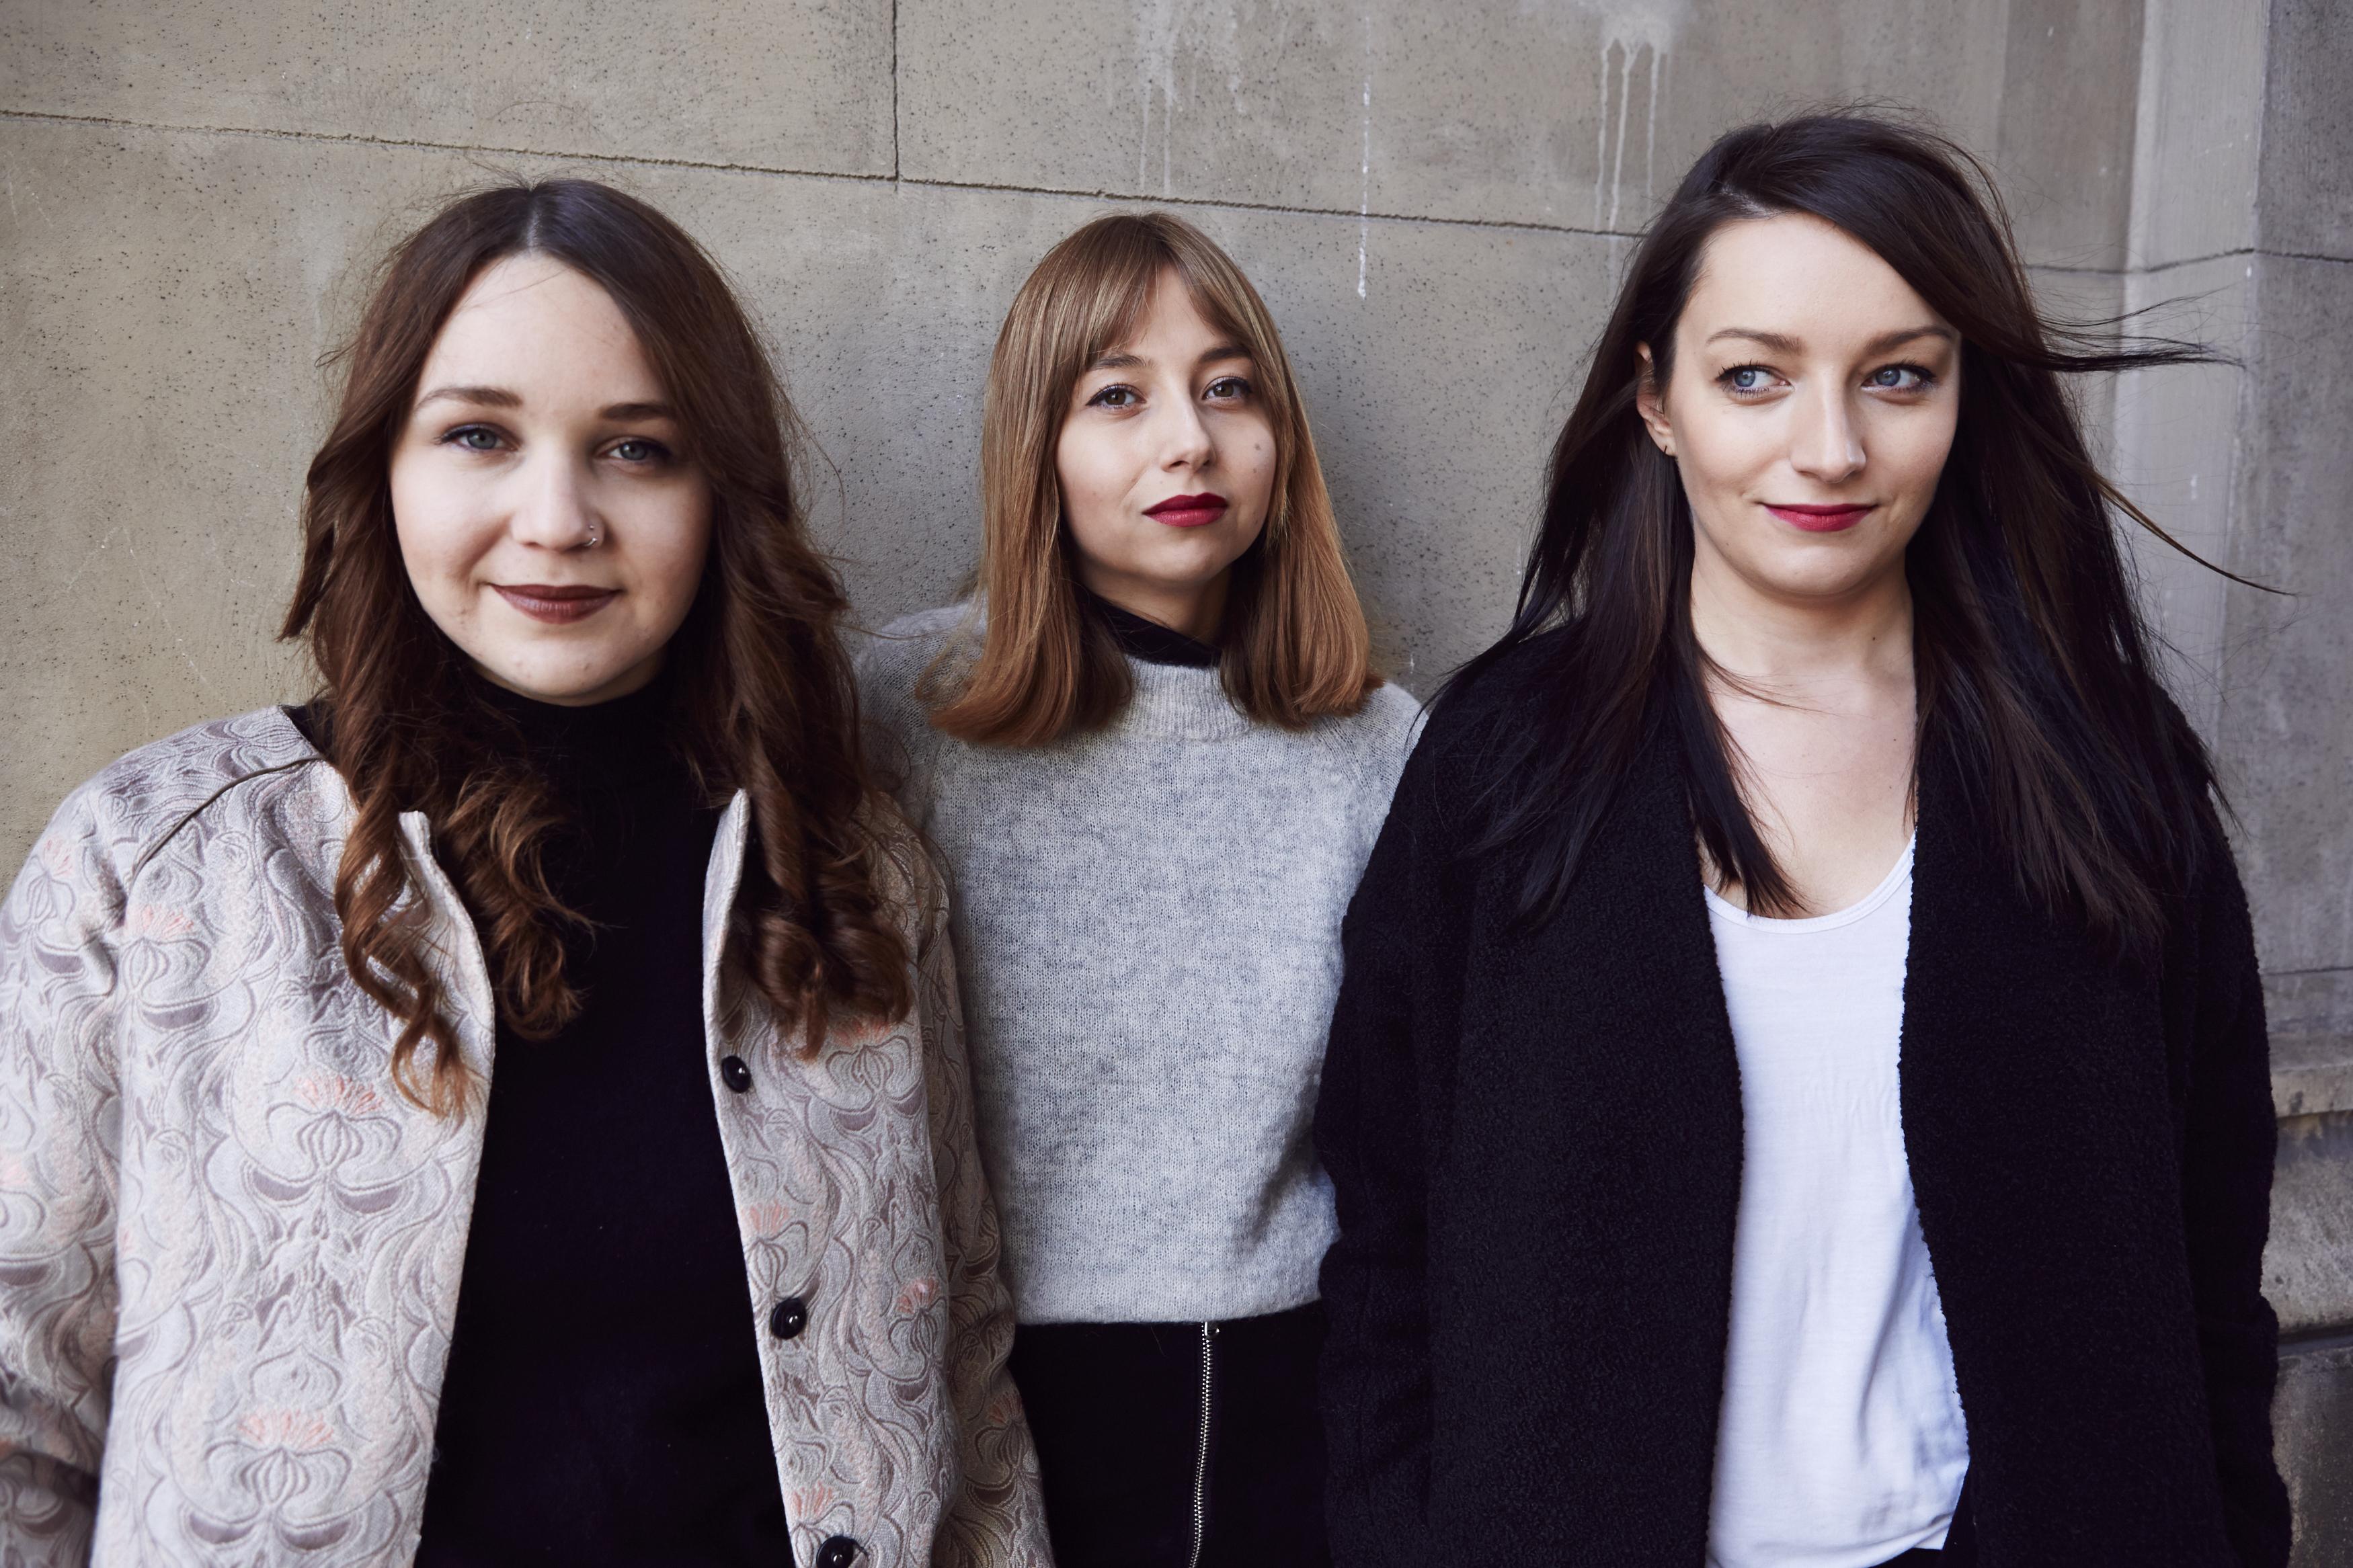 Milena Heisserer, Amelie Kahl und Antonia Wille